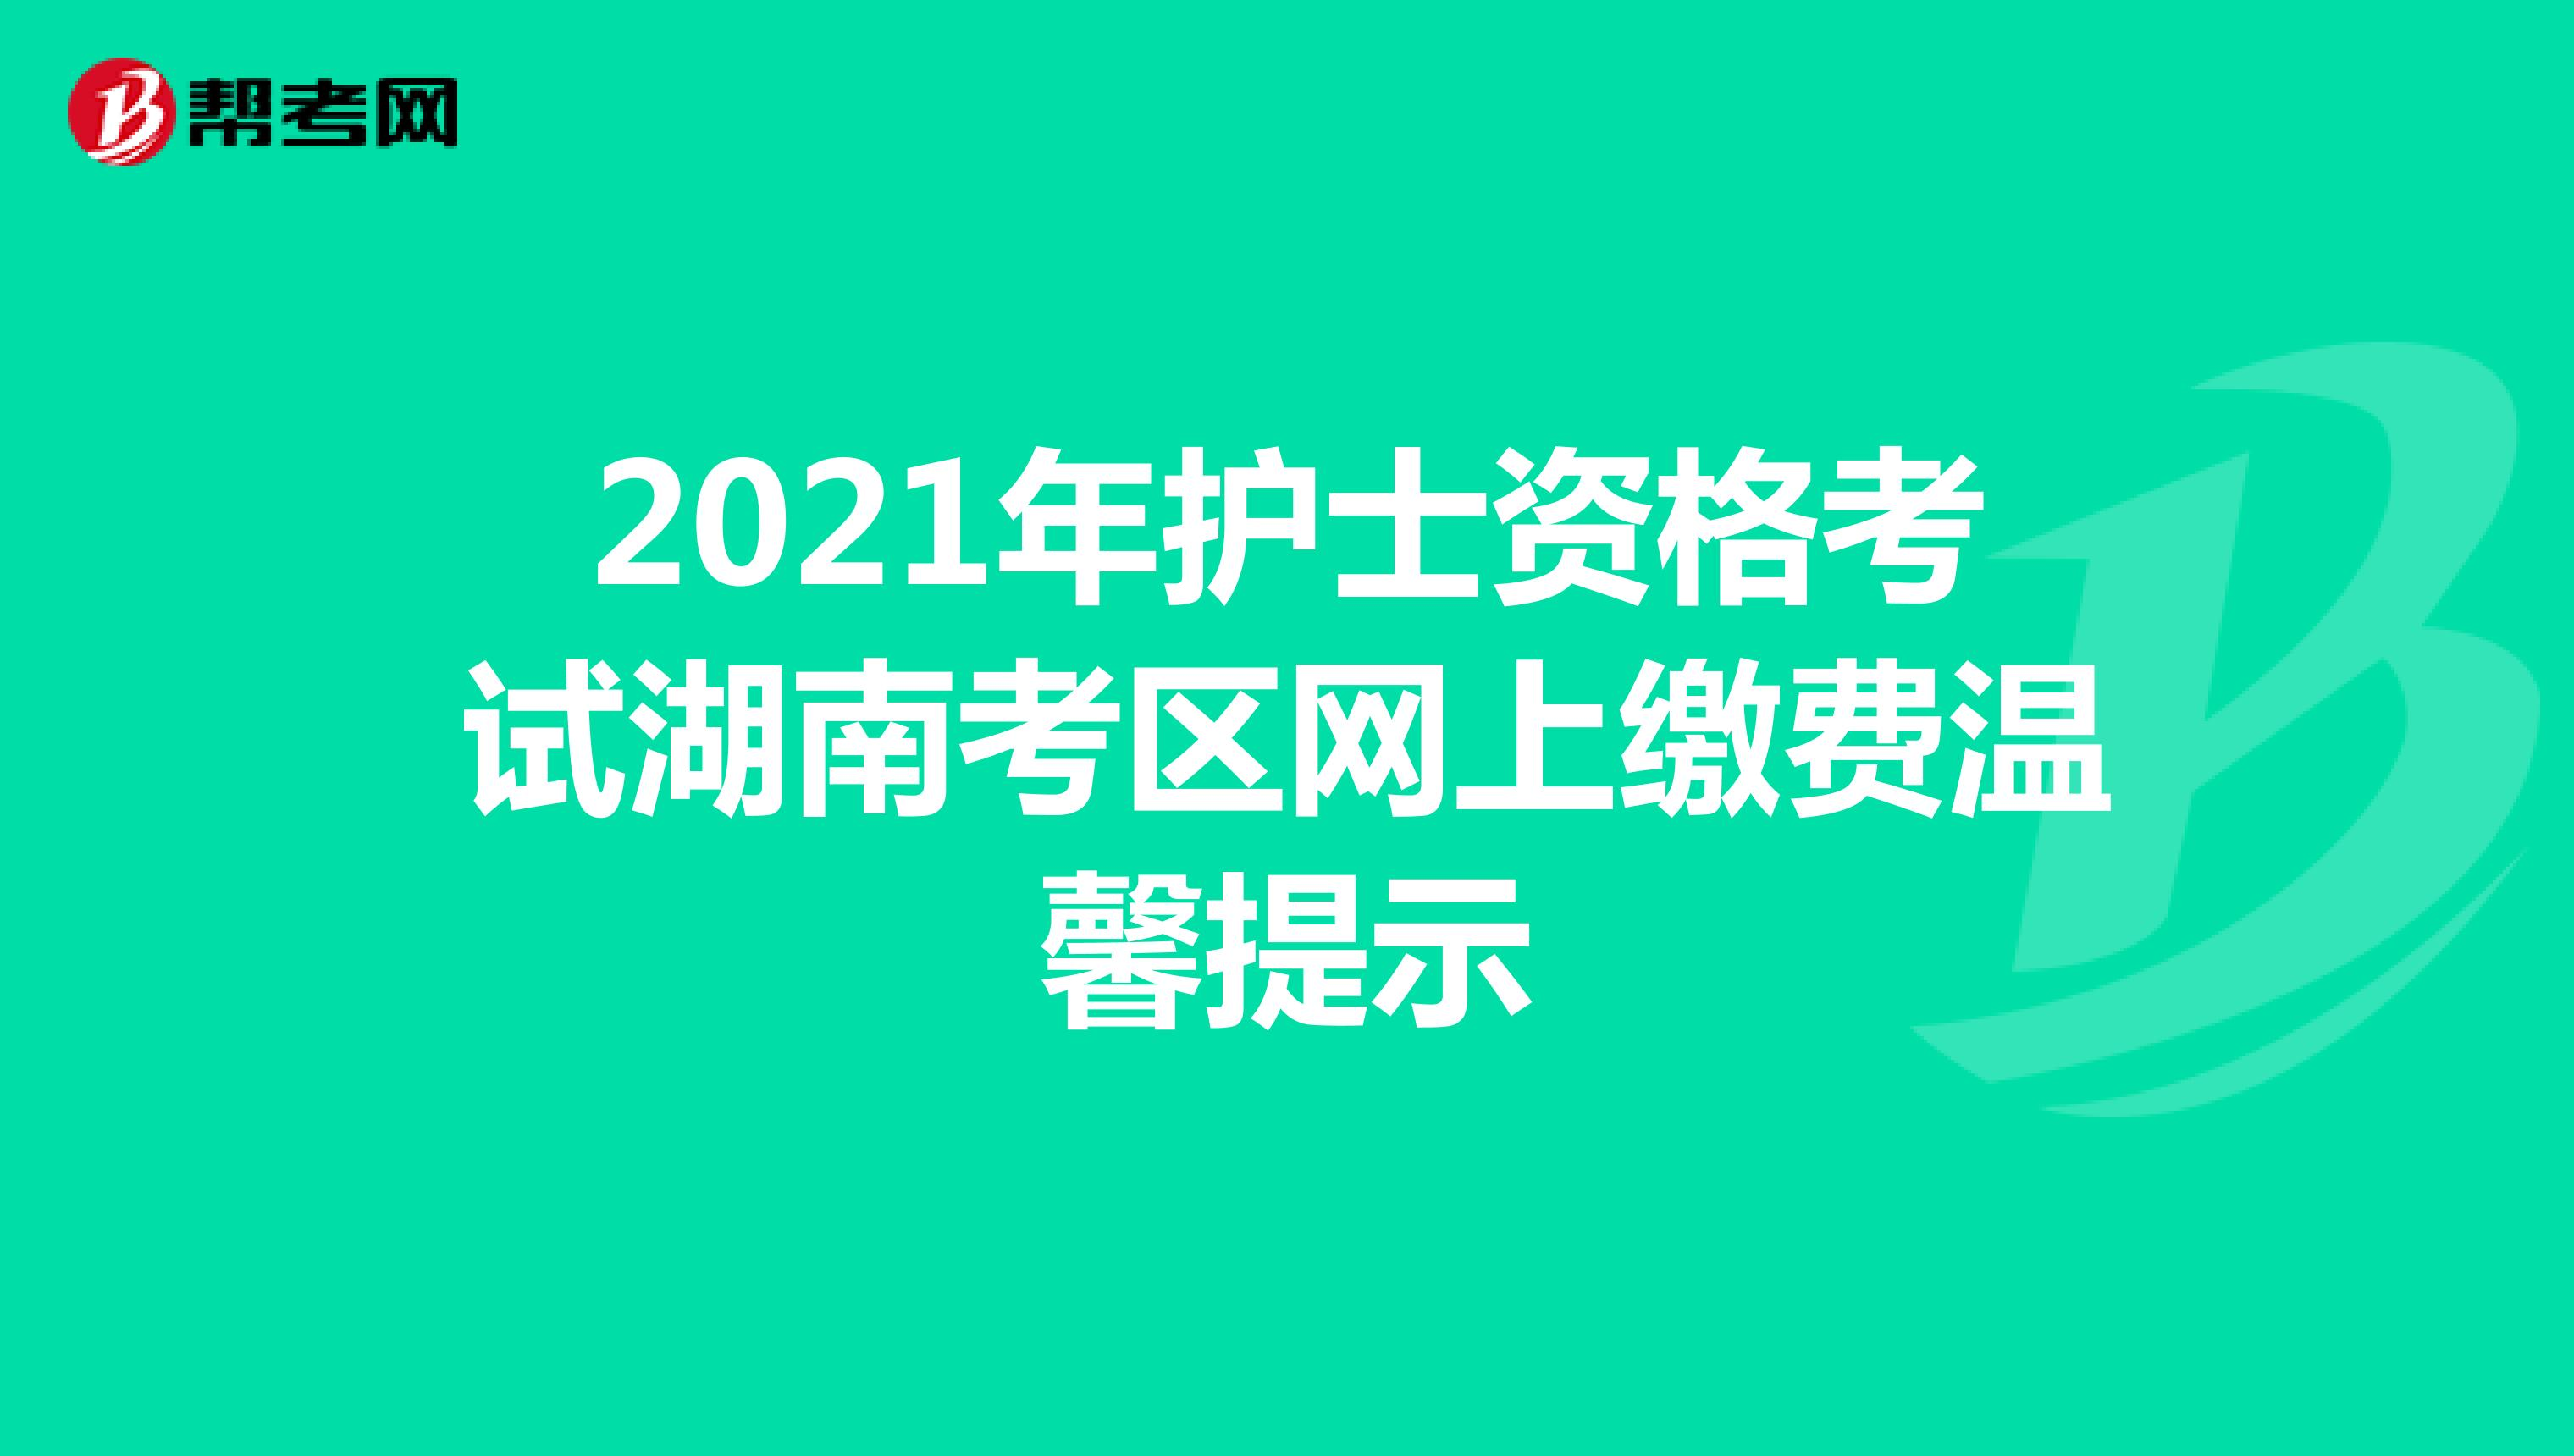 2021年护士资格考试湖南考区网上缴费温馨提示